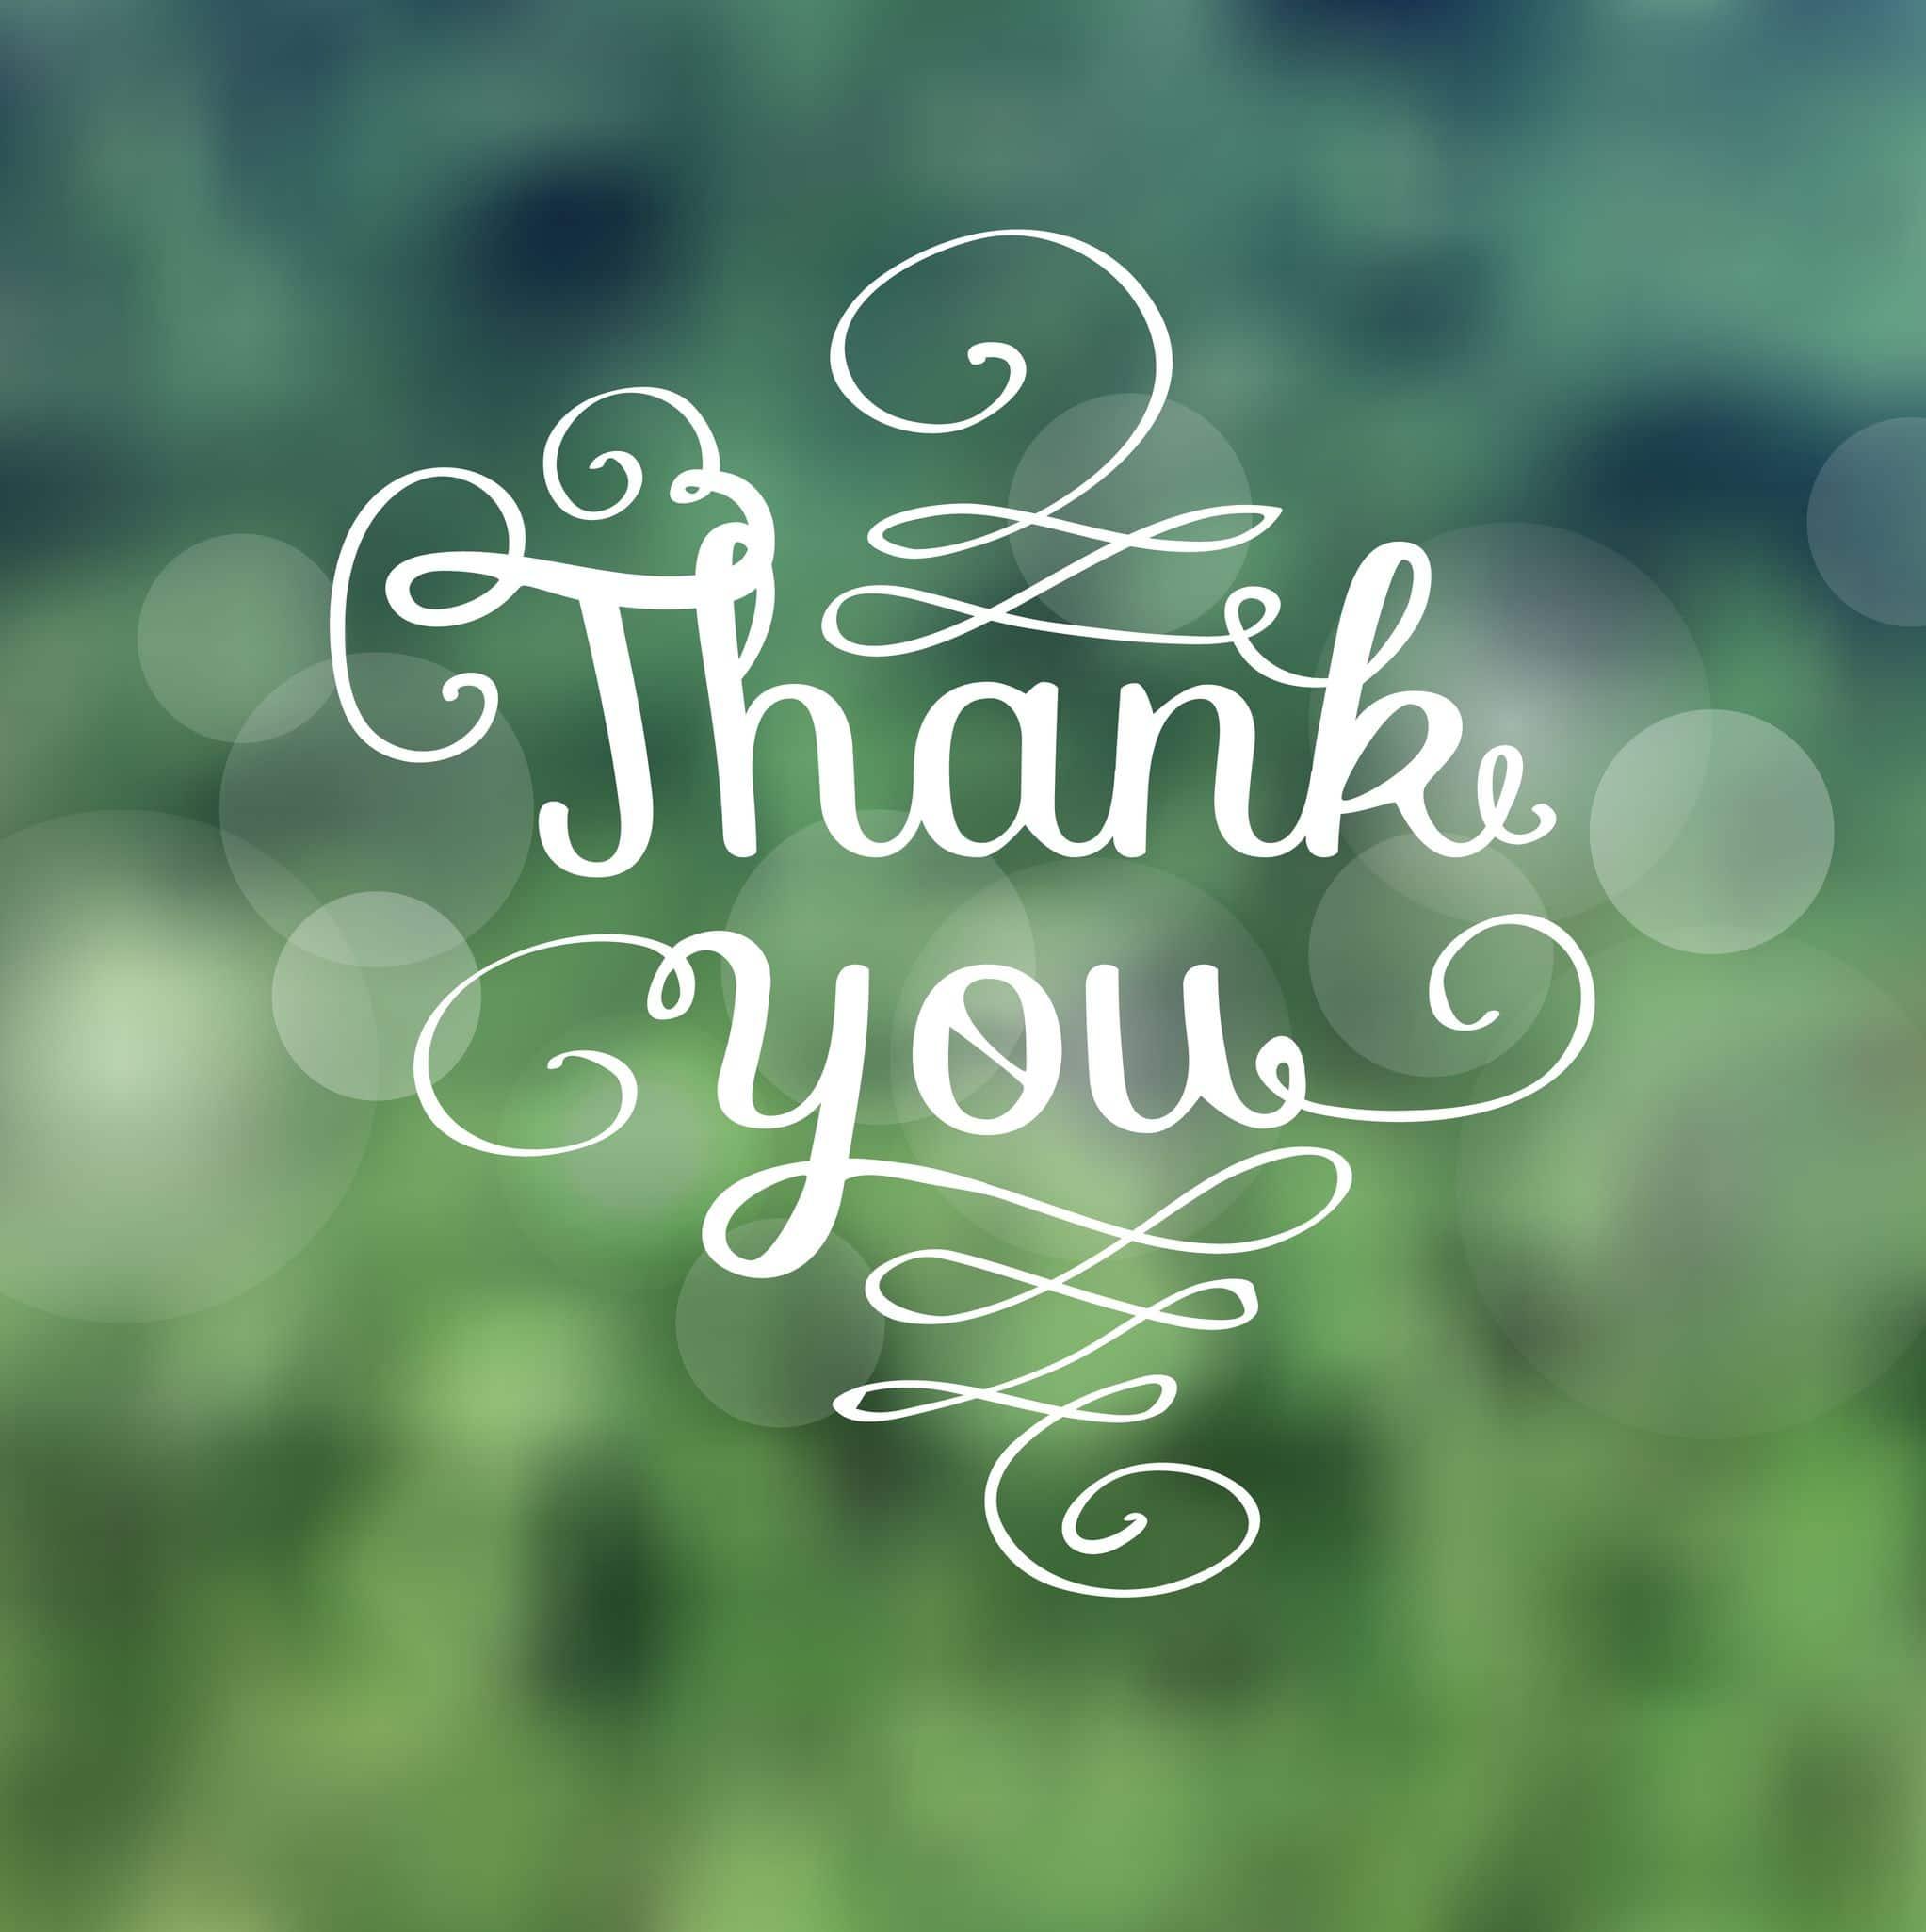 Expressão Obrigada escrita em inglês com palavras brancas em um fundo verde.